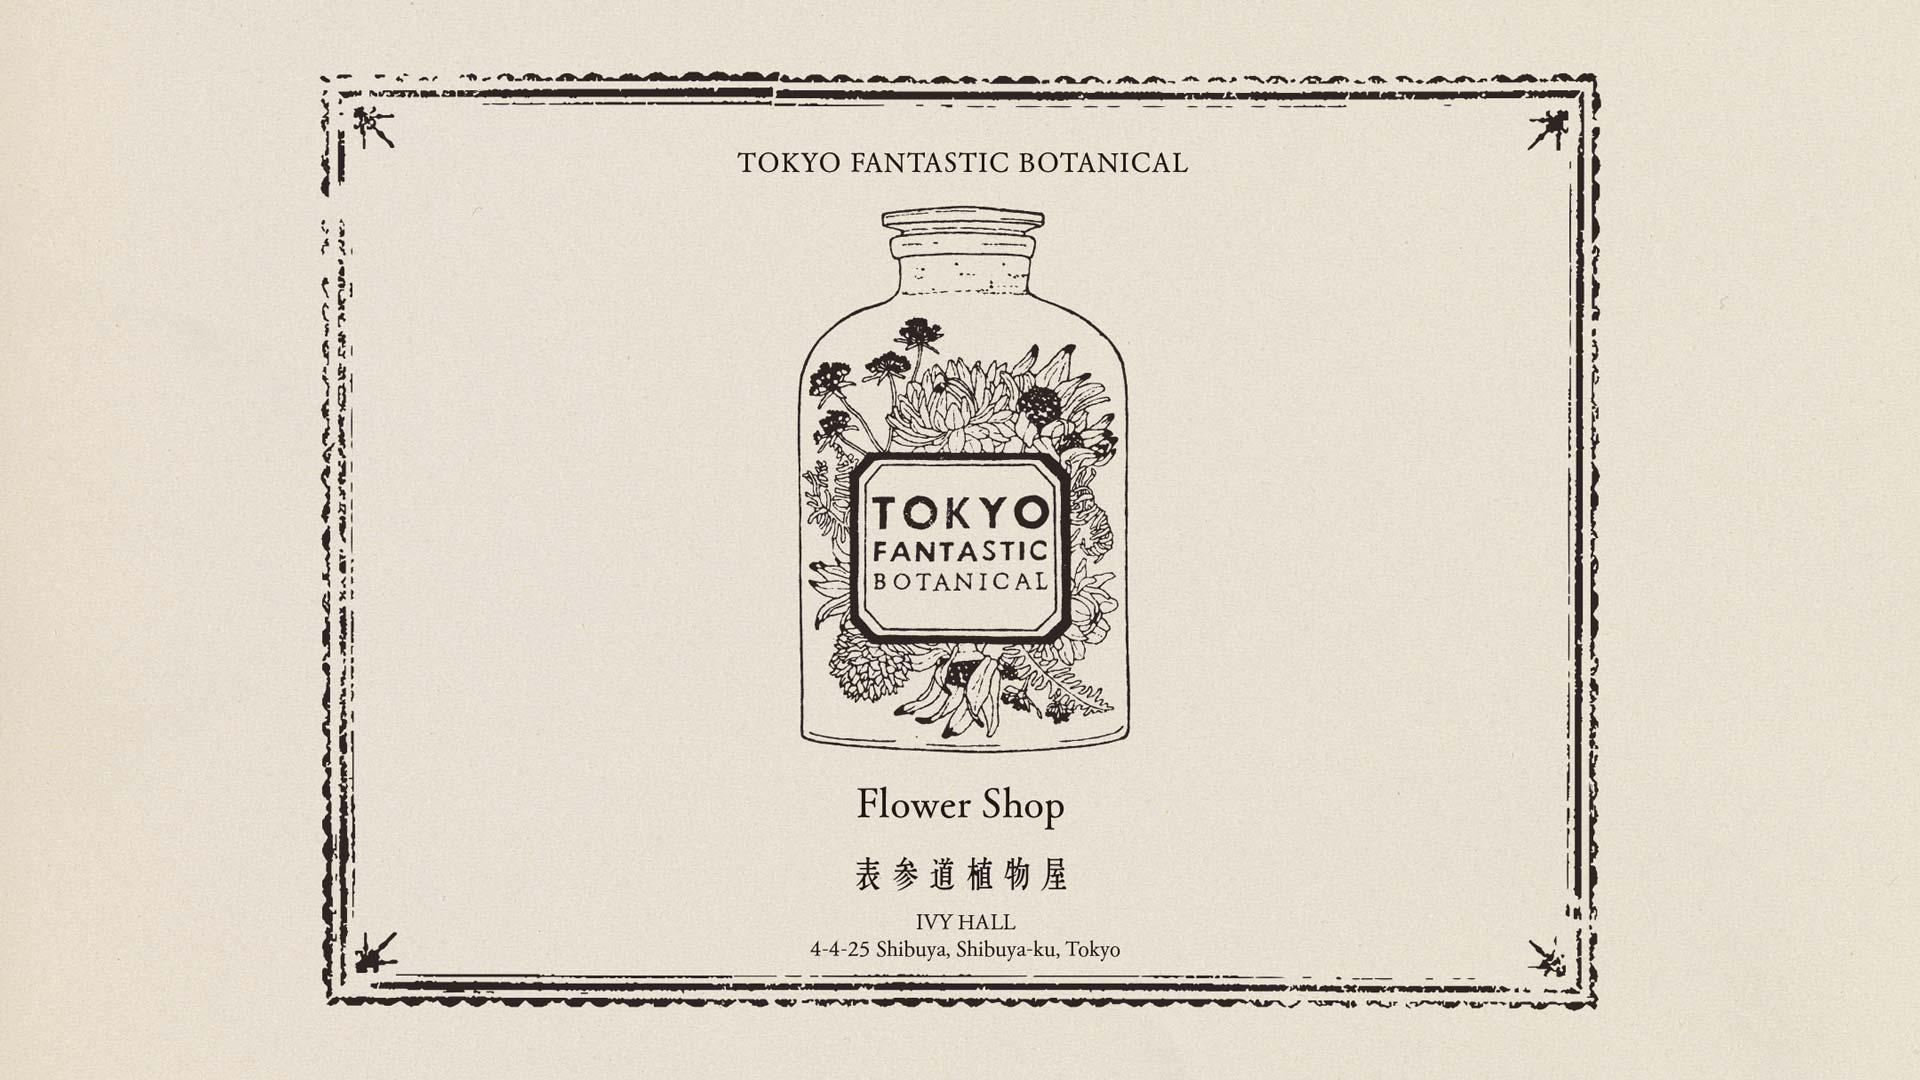 TOKYO FANTASTIC ボタニカル店